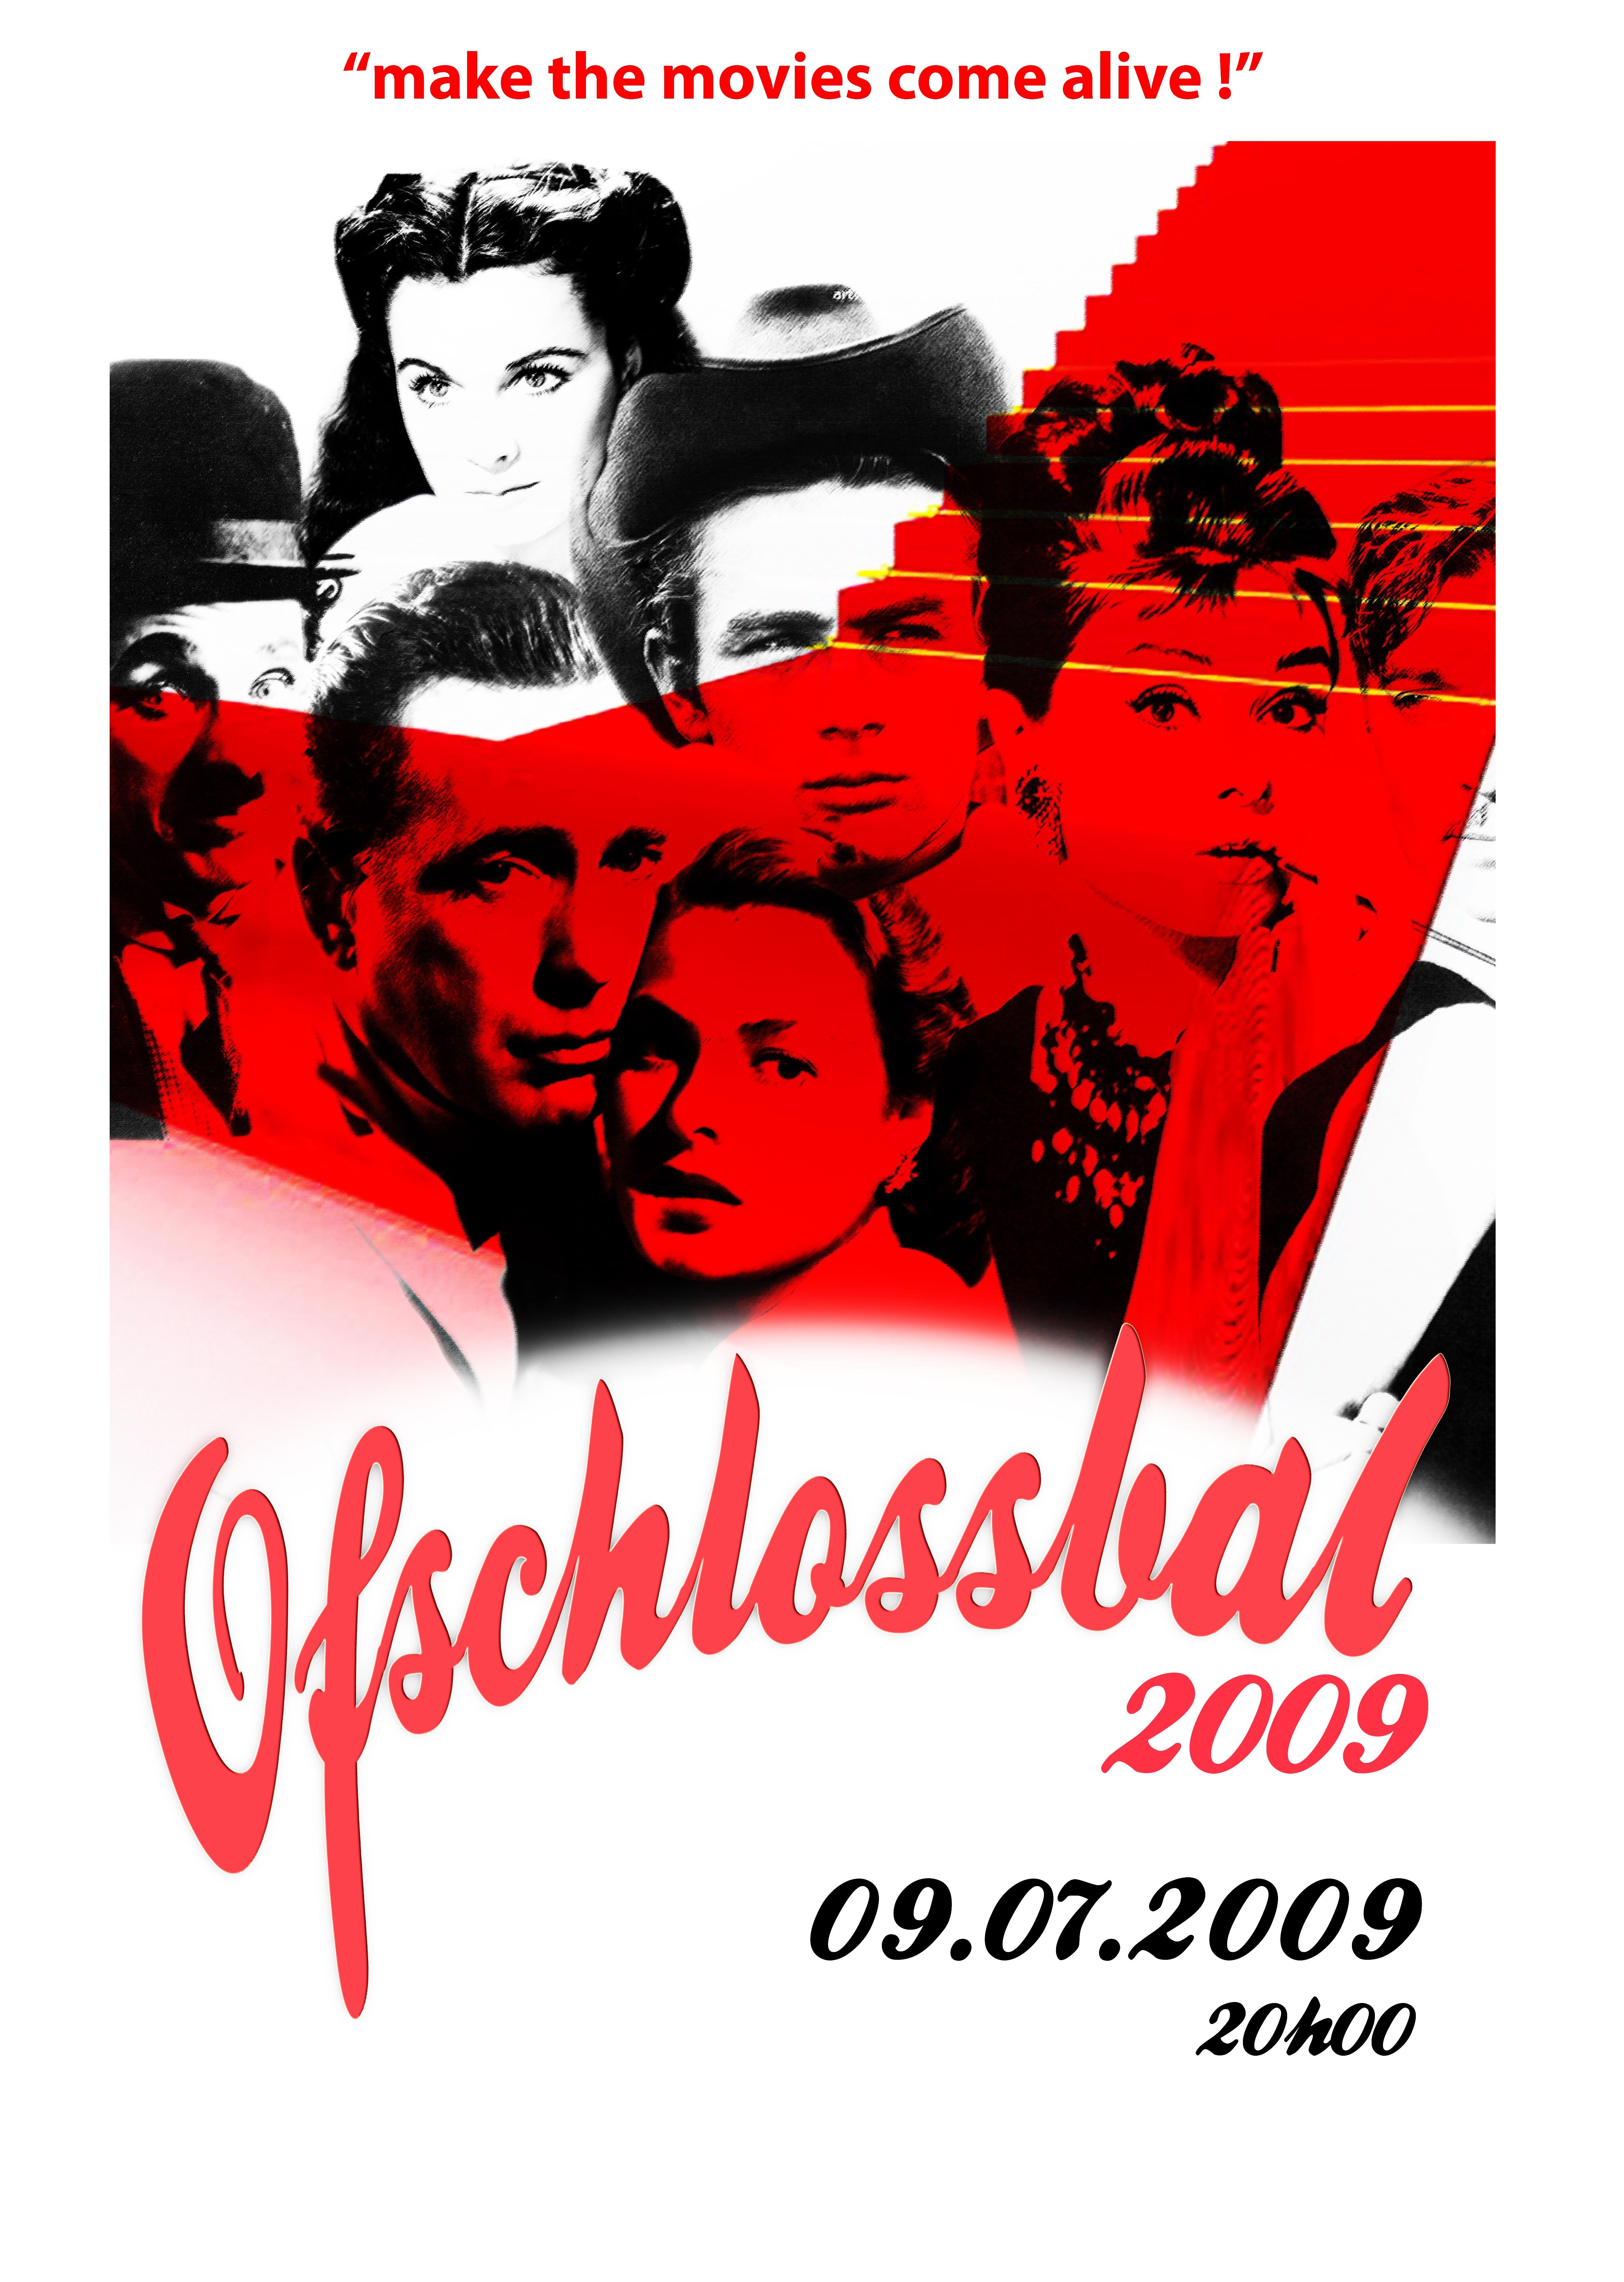 2009 ofschlossbal.jpg